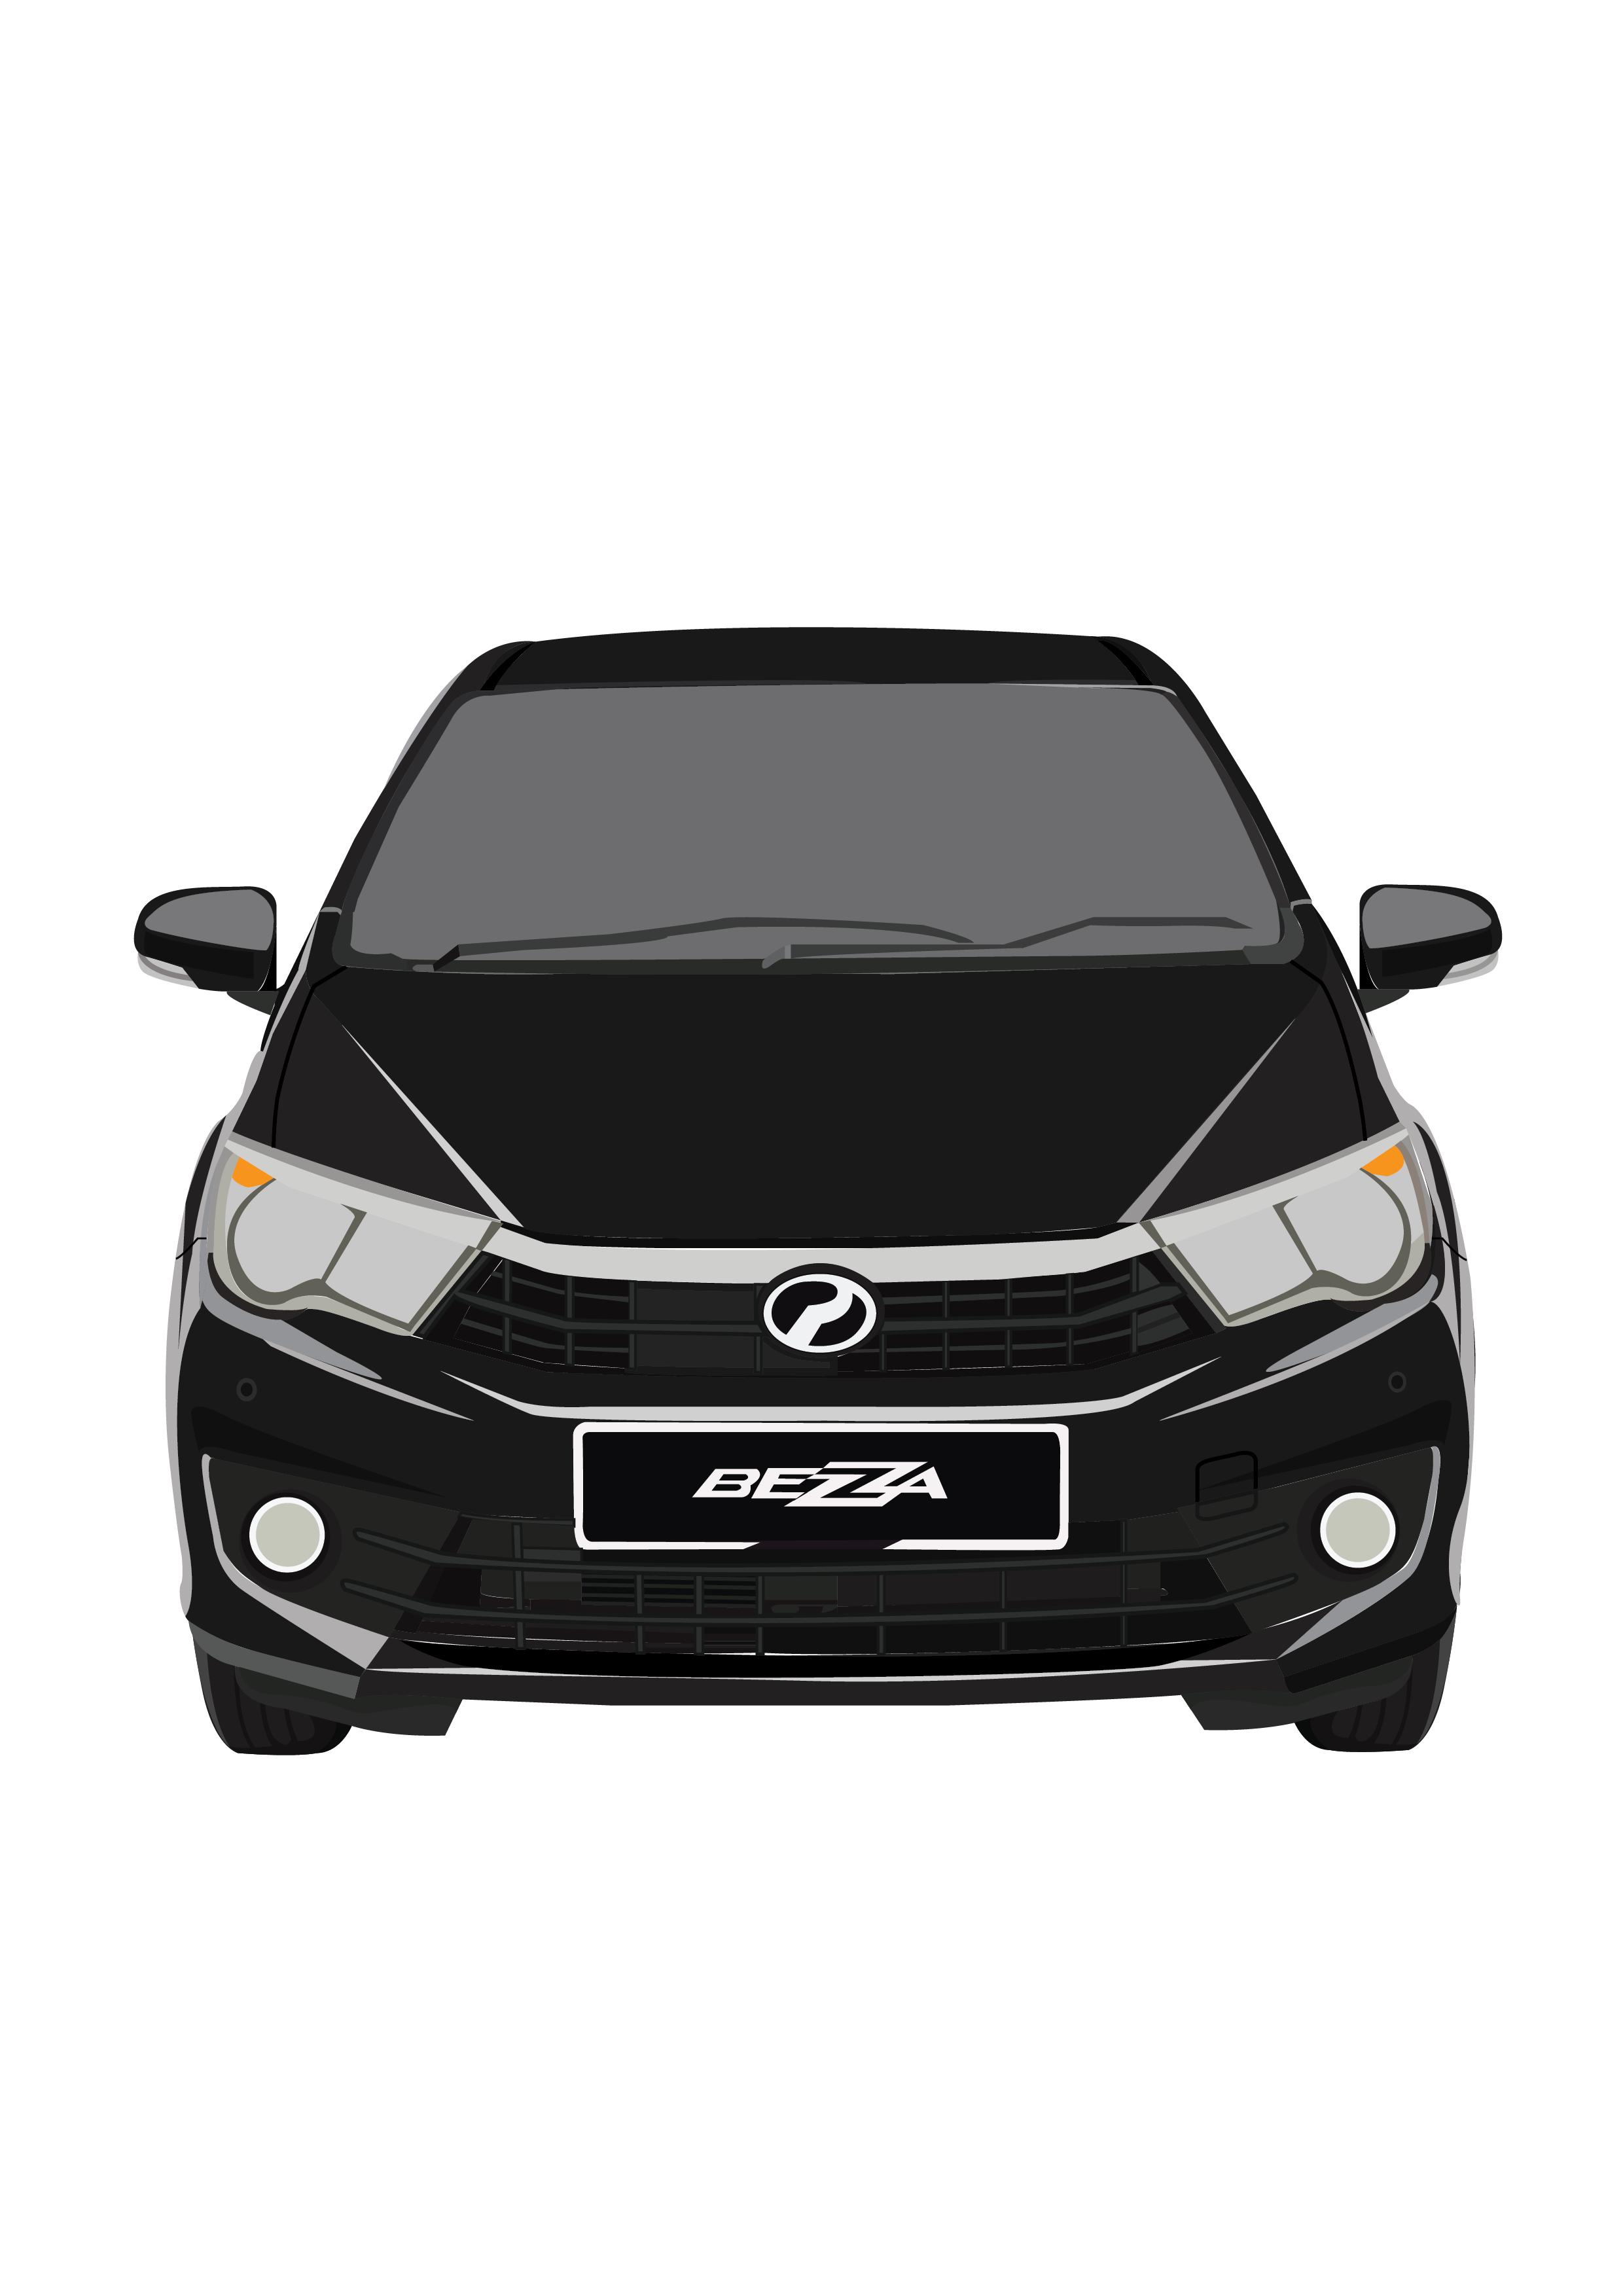 Perodua Bezza - Ebony Black